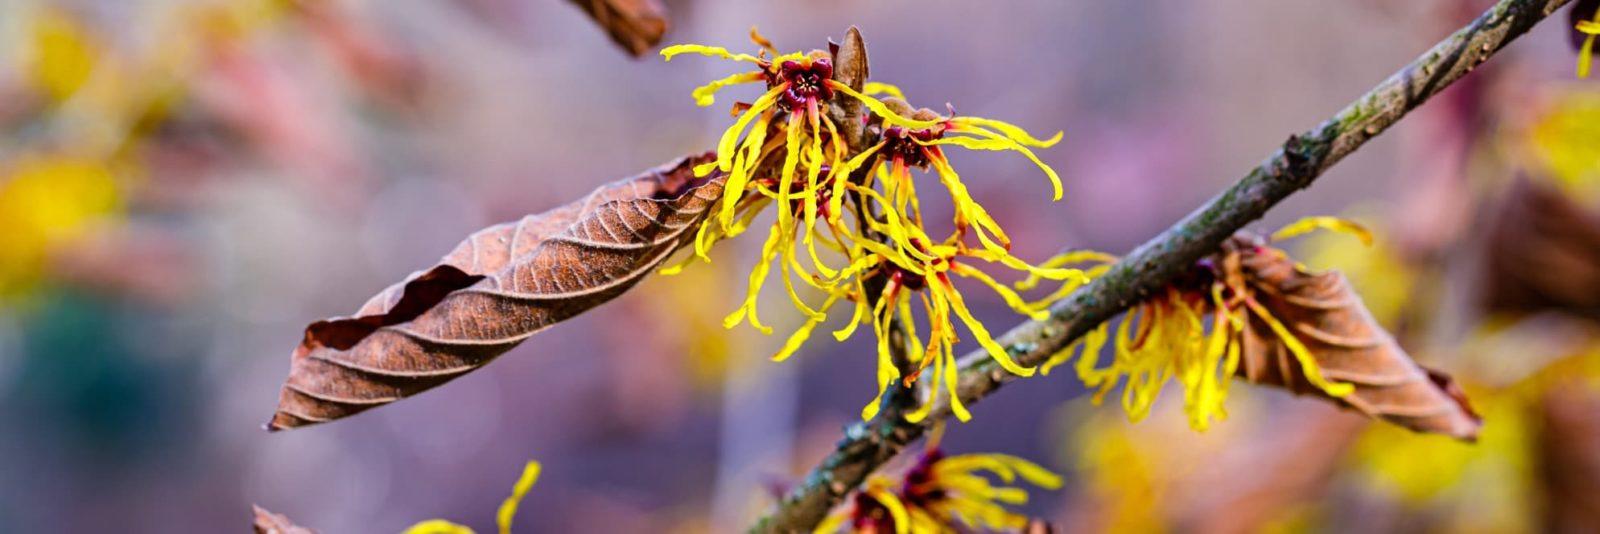 yellow witch hazel shrubs